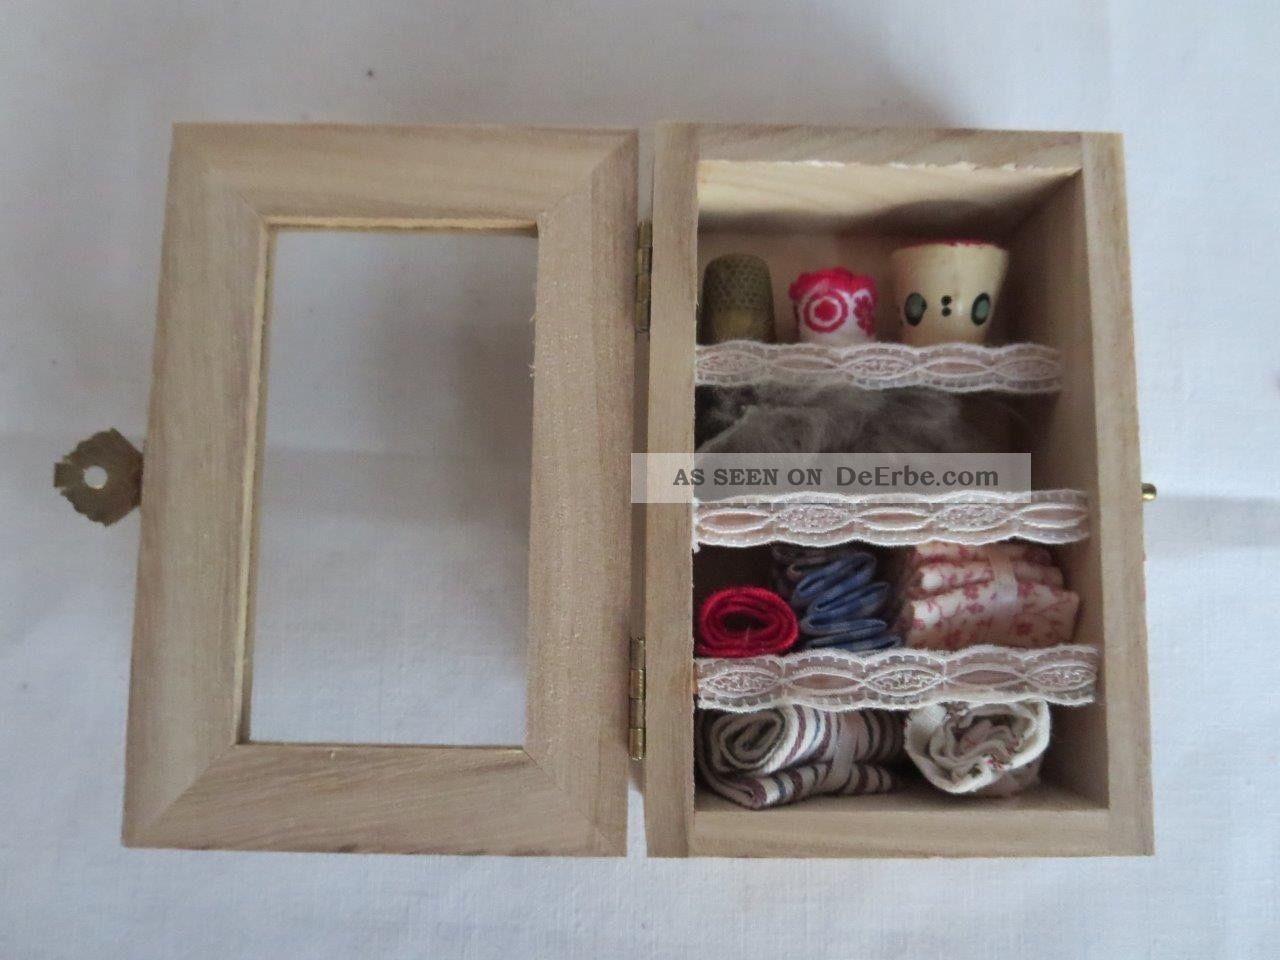 Kleiner Schrank Für Den Puppen Modeladen,  Echt Handarbeit Puppen & Zubehör Bild